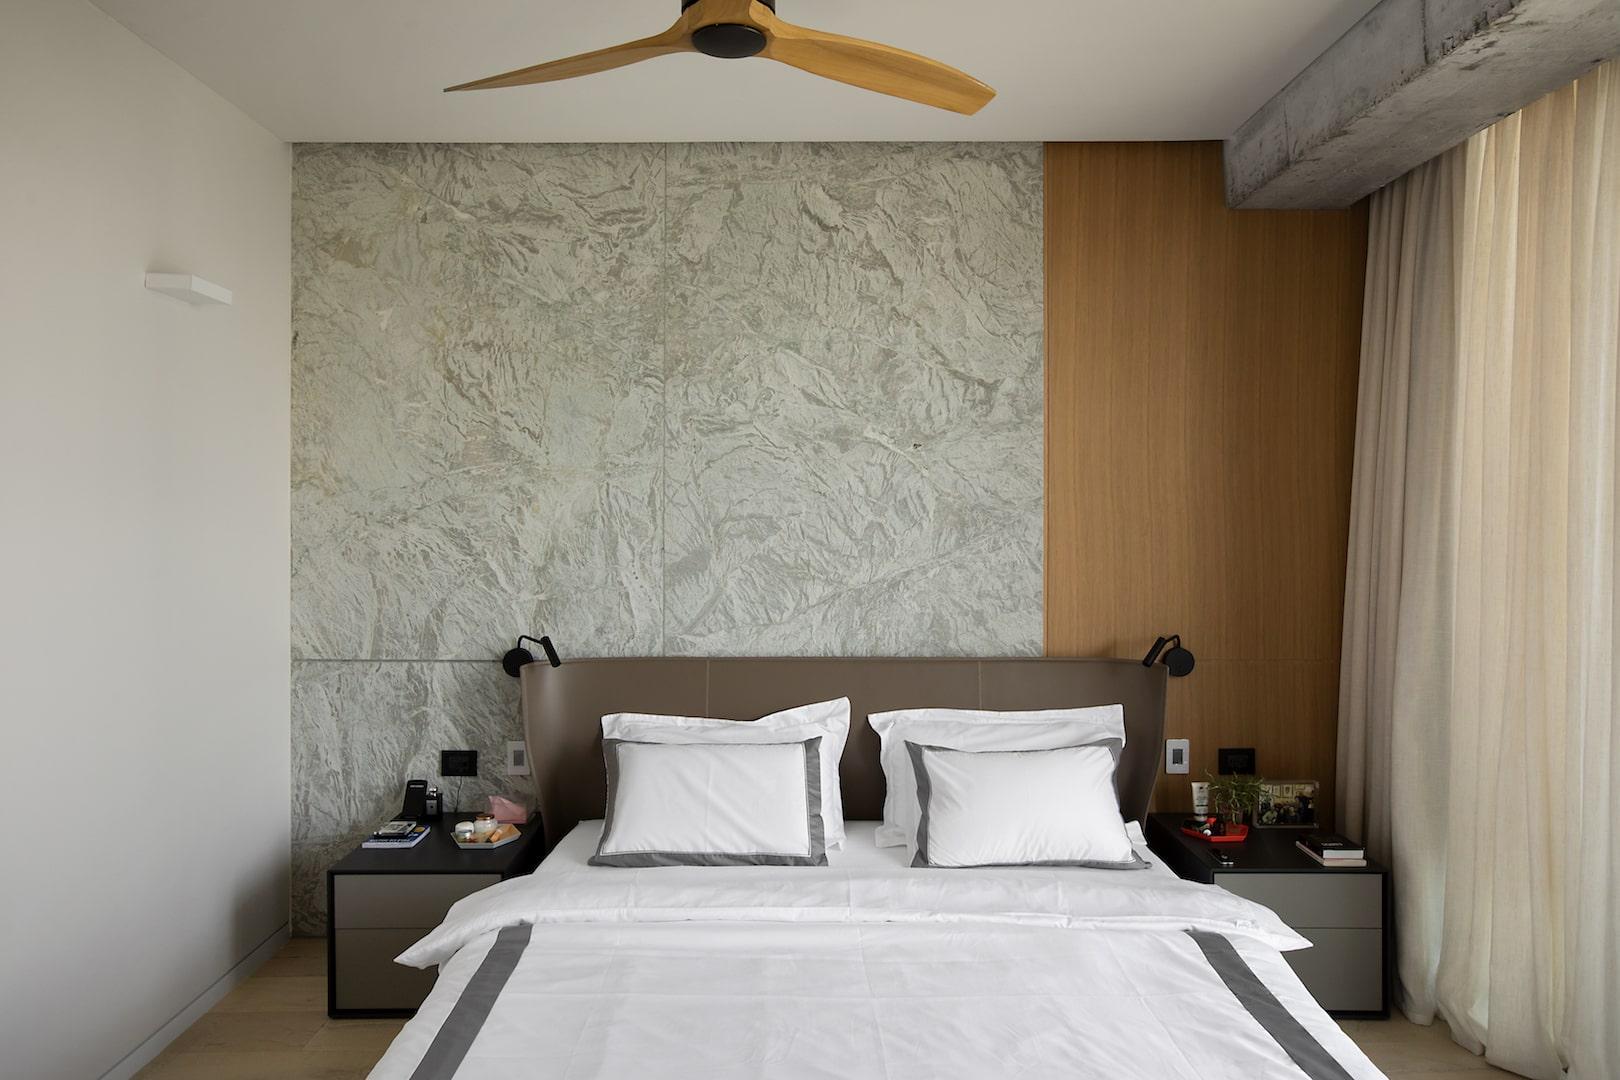 חדר שינה חדר הורים חיפוי עץ